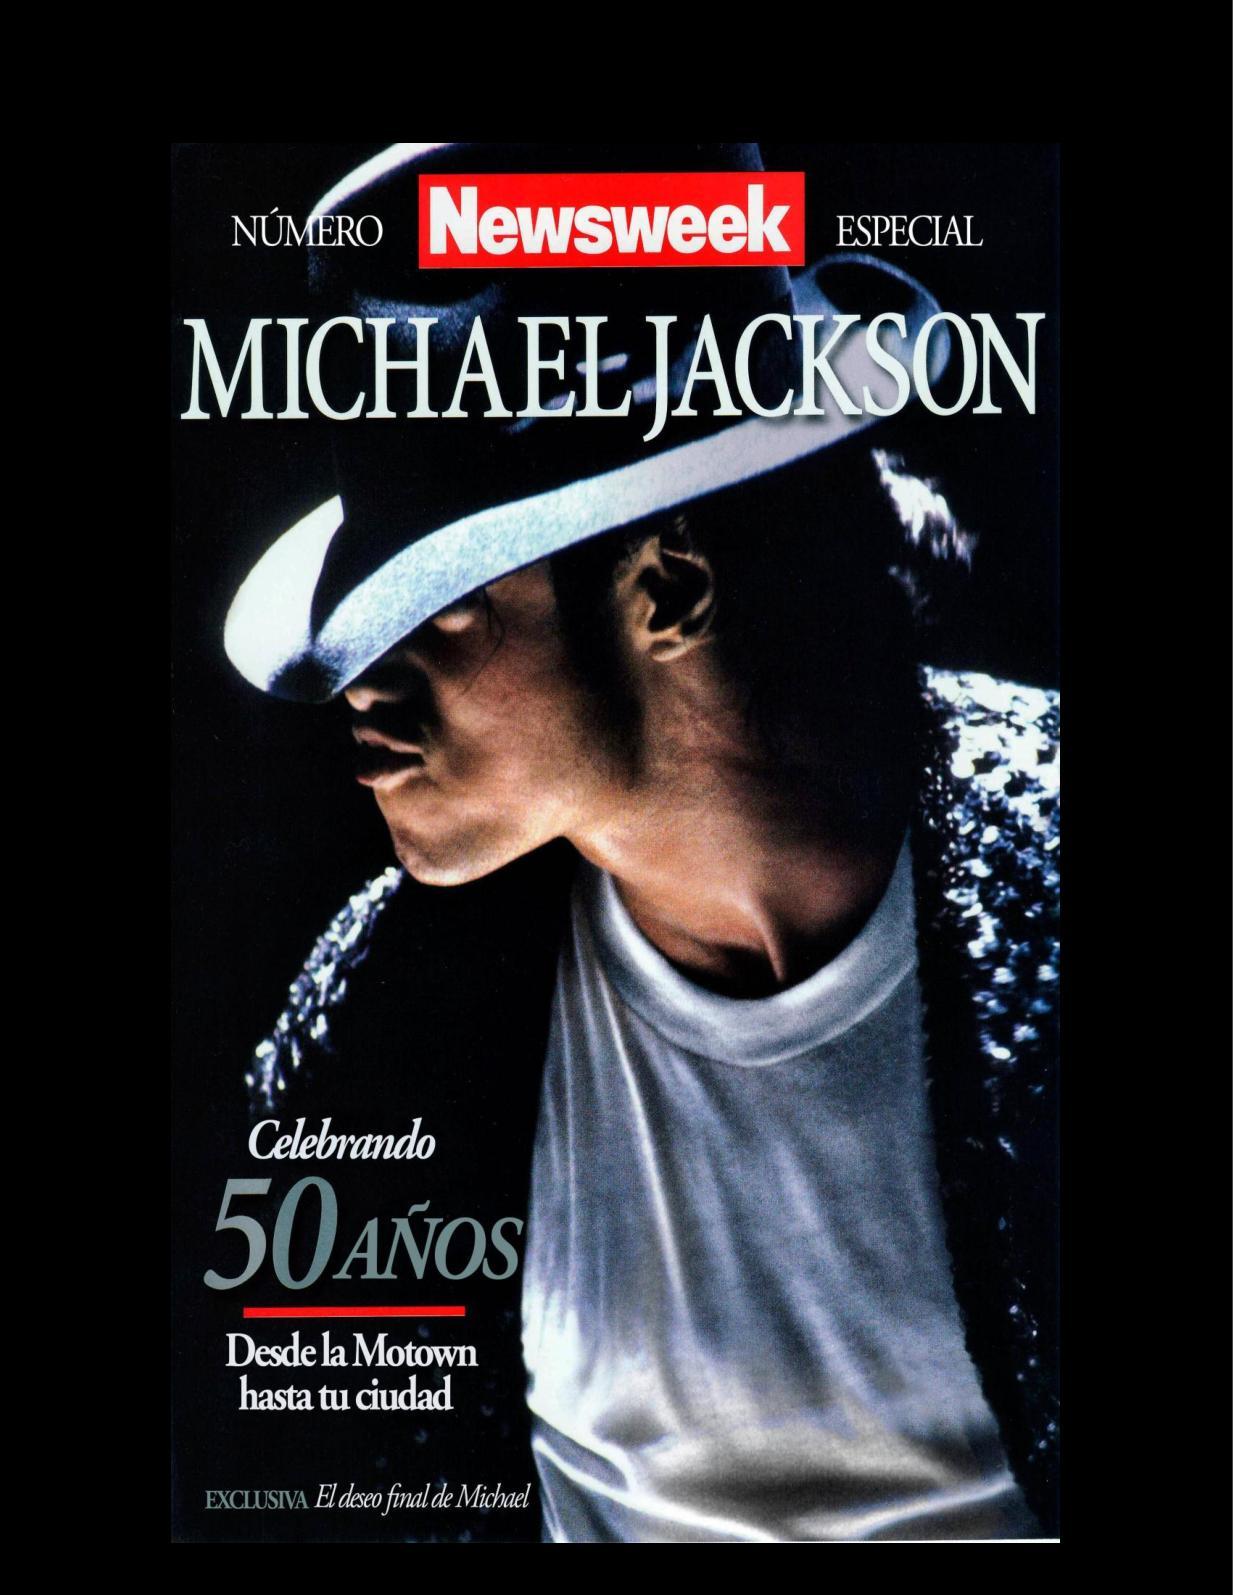 Calaméo - Michael Jackson